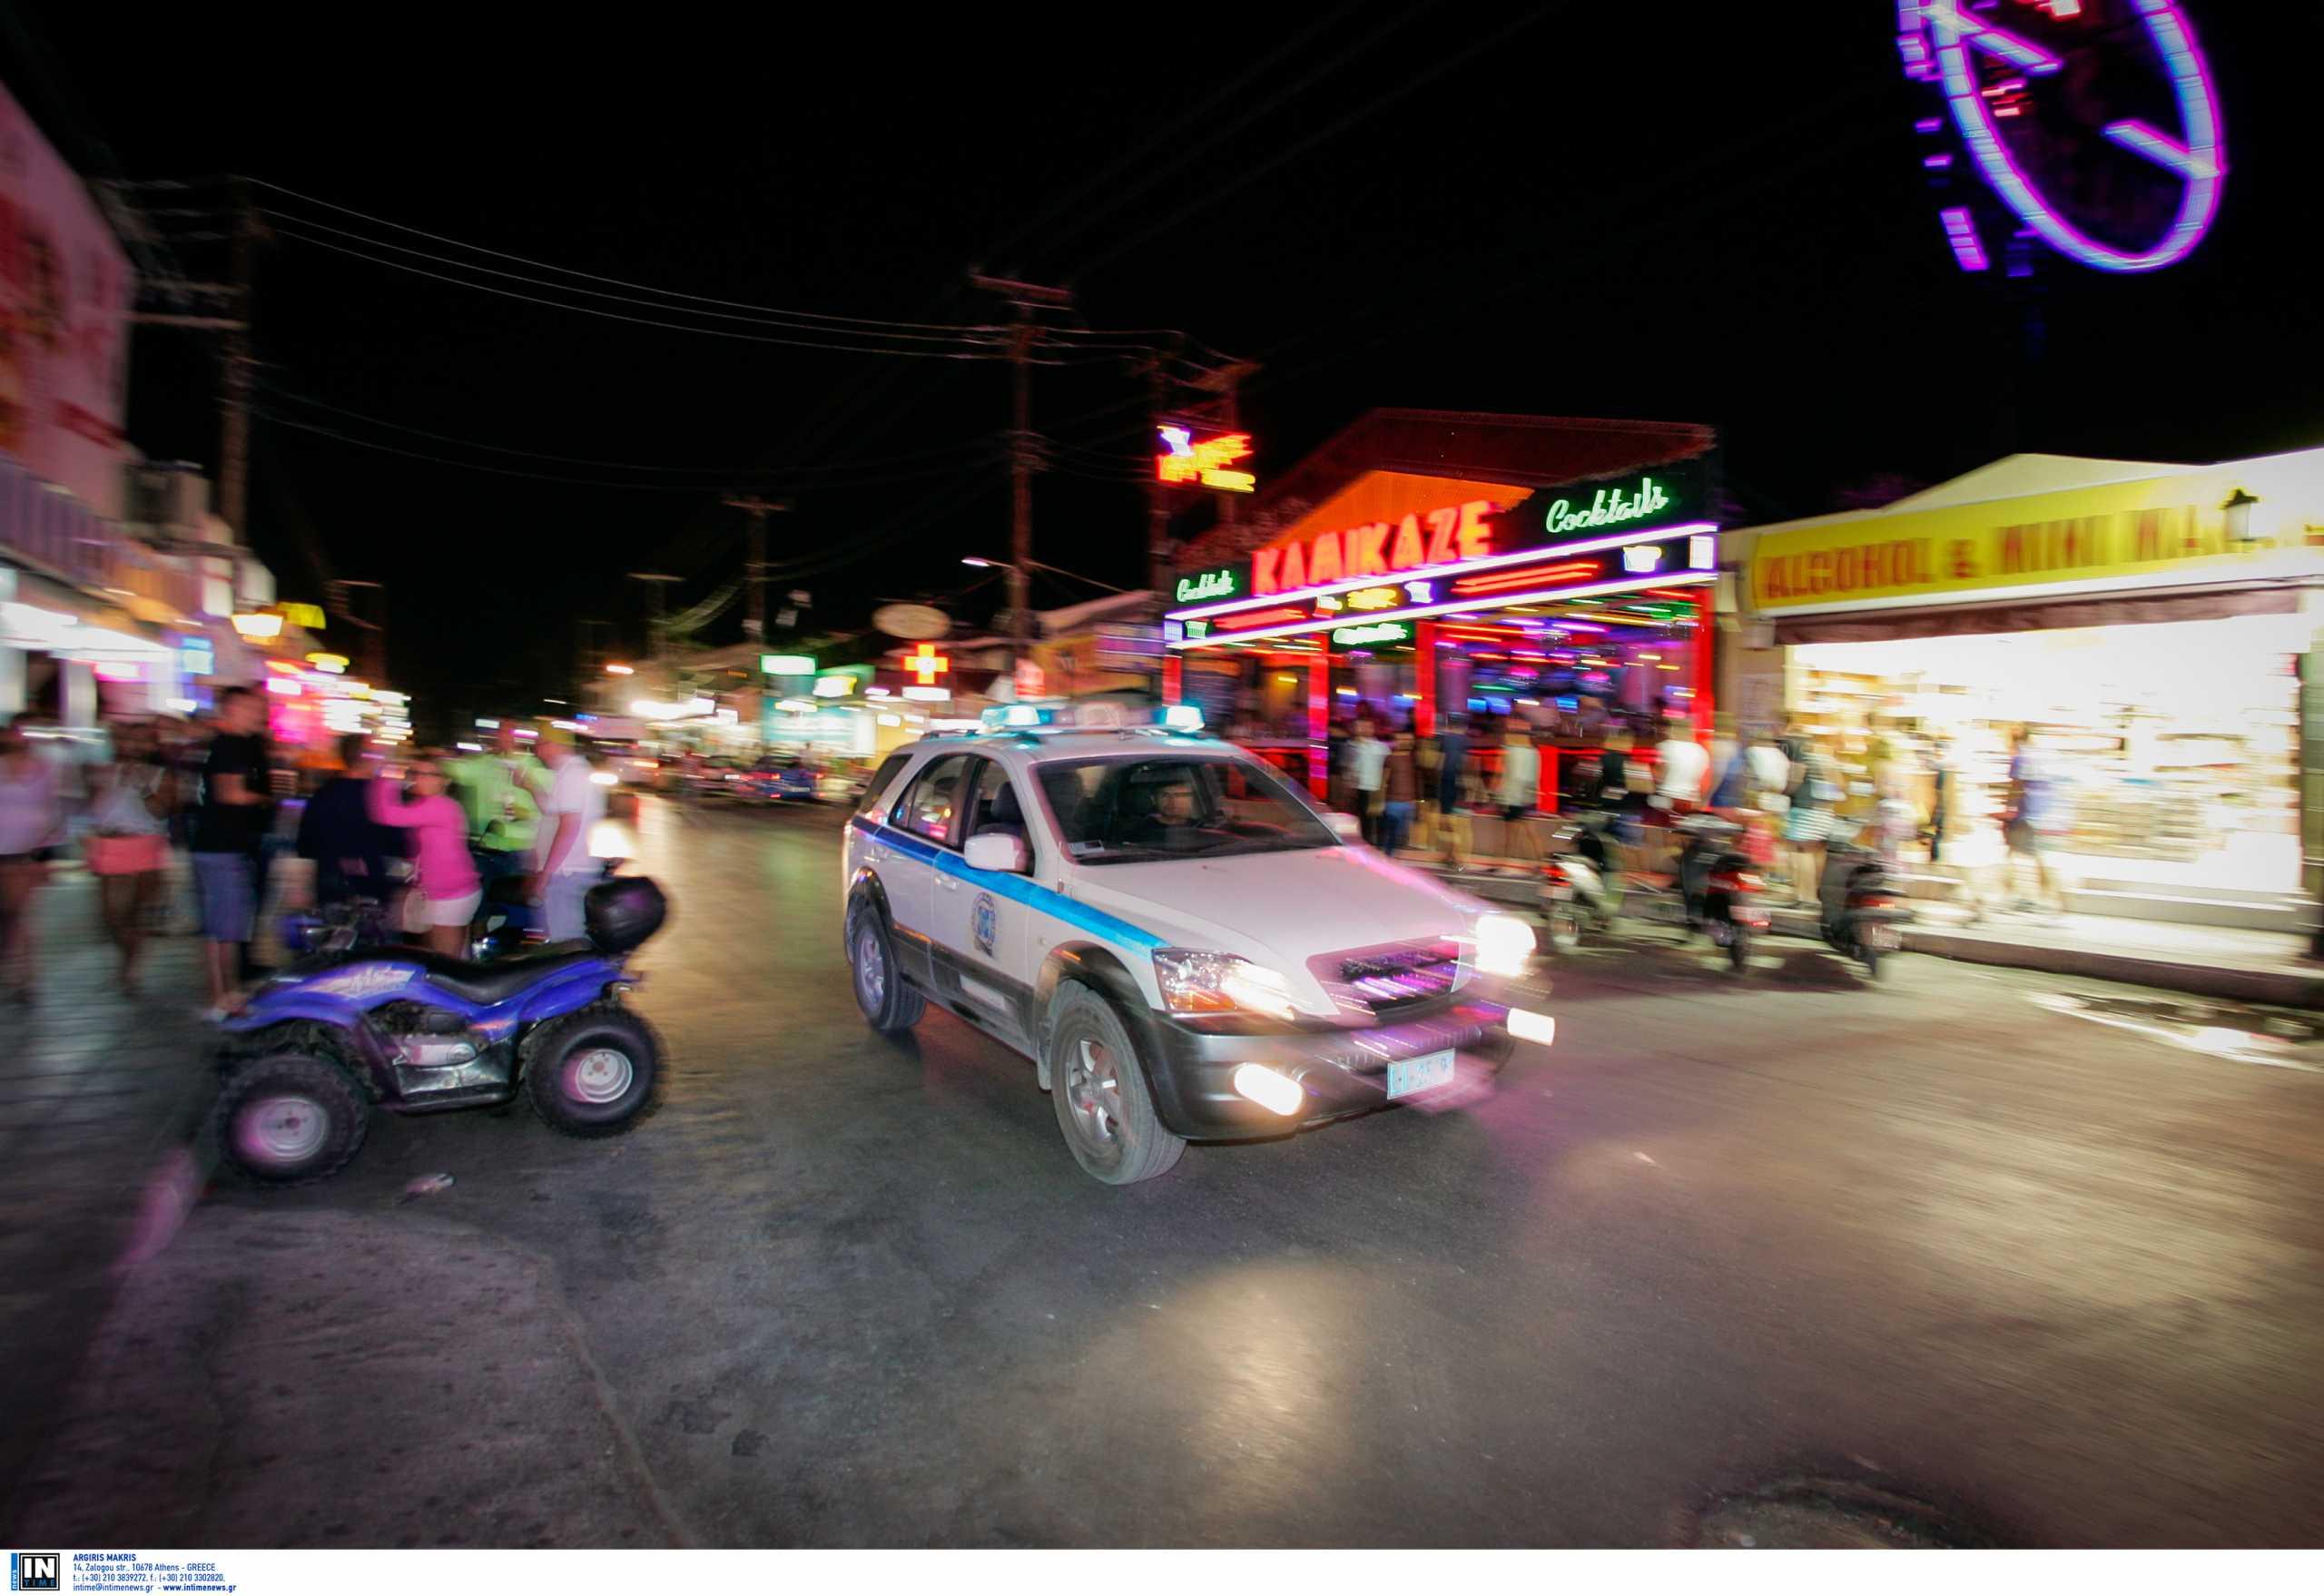 Ζάκυνθος: Κλείνει ο κεντρικός δρόμος του Λαγανά λόγω κορονοϊού και εγκληματικότητας